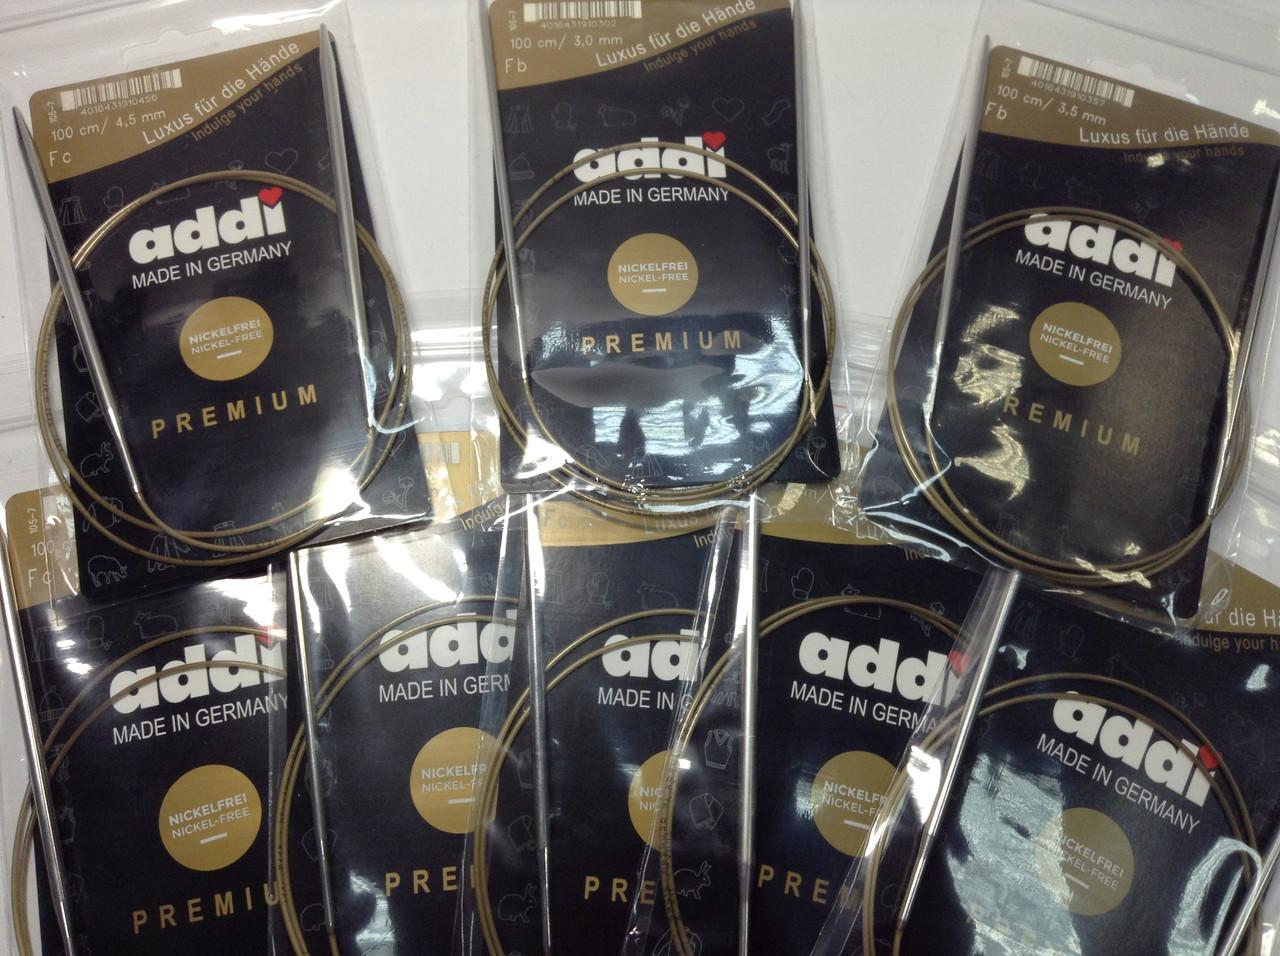 Спицы для кругового вязания на золотой леске  Addi (Германия) - 100 см